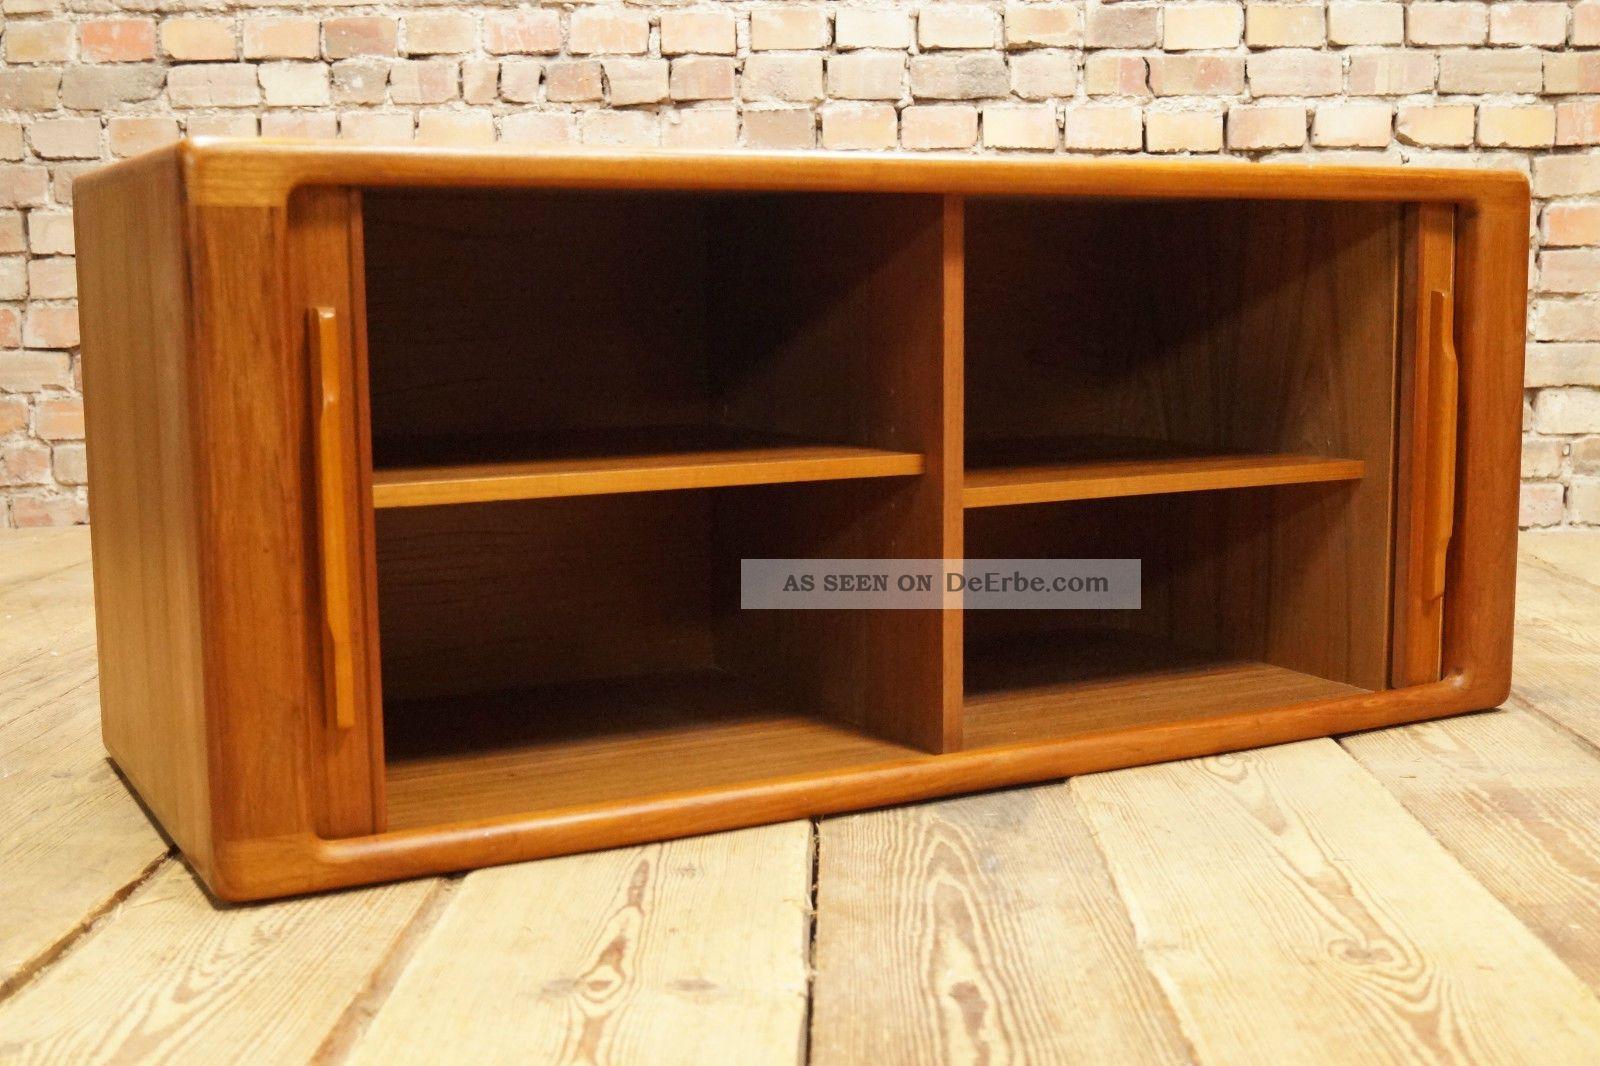 Dyrlund Danish Credenza : 60er teak sideboard anrichte kommode credenza cabinet danish modern